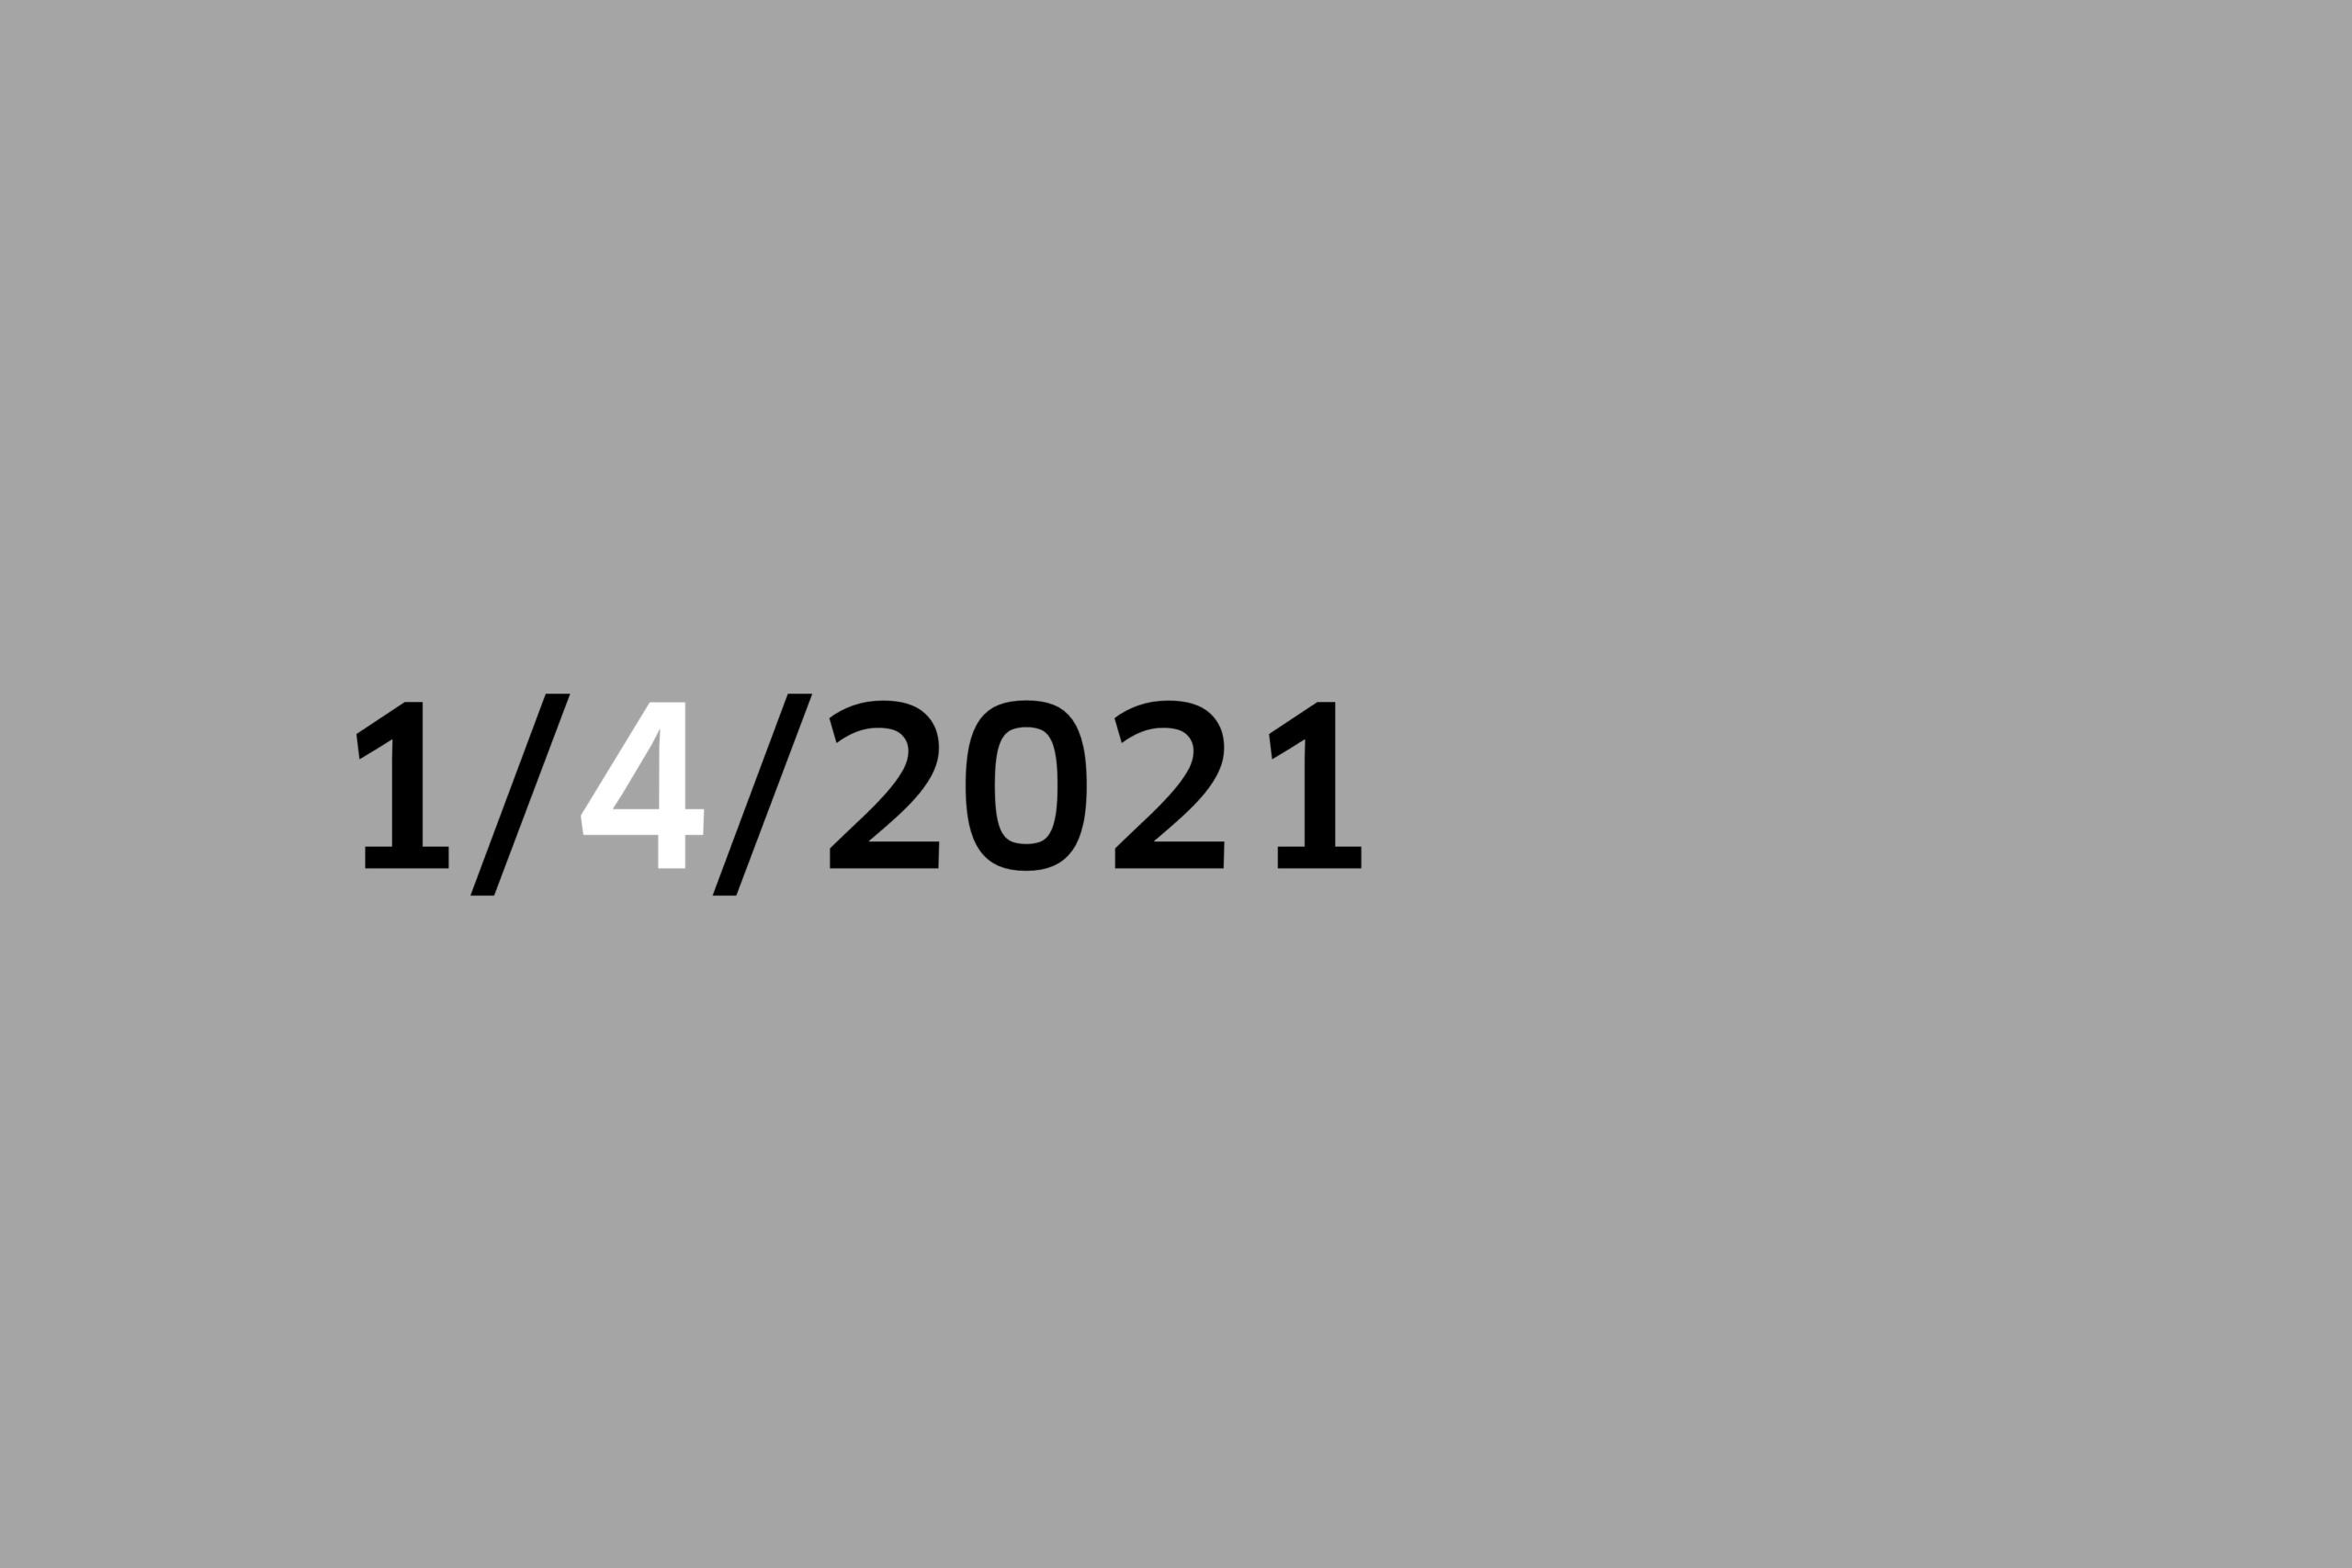 Studio 1-4-2021